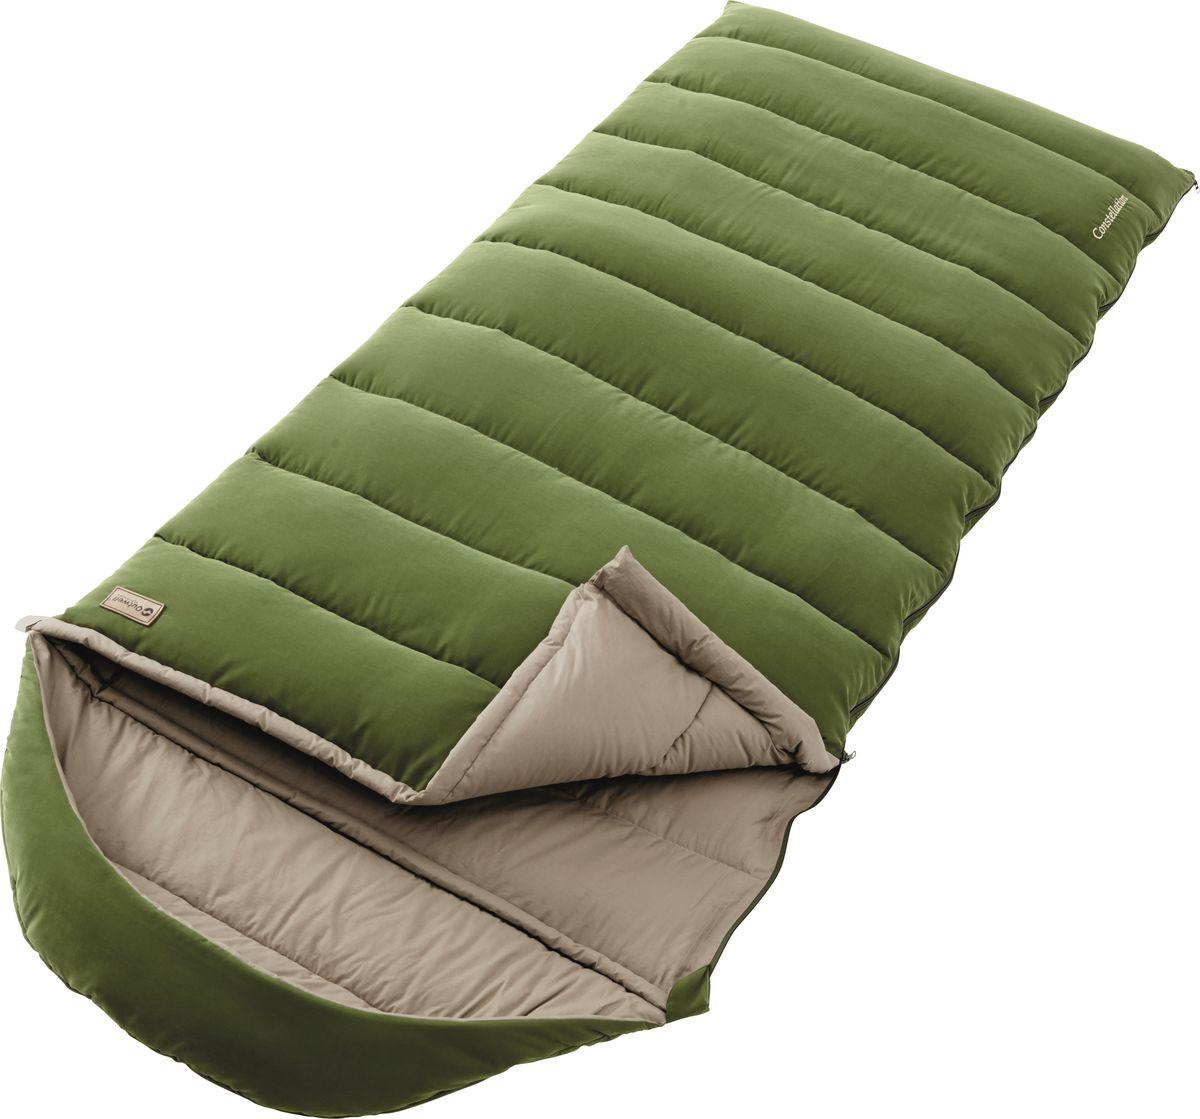 Спальный мешок Outwell Constellation, двусторонняя молния, цвет: зеленый, длина 200 см230143Спальный мешок Outwell Constellation прочный и ультра-мягкий. Матовая внешняя сторона, 100% хлопковая подкладка и наполнитель премиум Isofill обеспечивают лучший в кемпинге комфорт. Просторный спальный мешок с возможностью полностью расстегнуть и использовать как большое одеяло.Особенности:Прямоугольная форма обеспечивает ногам свободу движения.Пристегивающийся капюшон.Защита молнии для тепла на полную длину.Два мешка можно состегнуть в один двухместный.Угловые петли крепления вкладыша.Расстегнуть и использовать как одеяло.